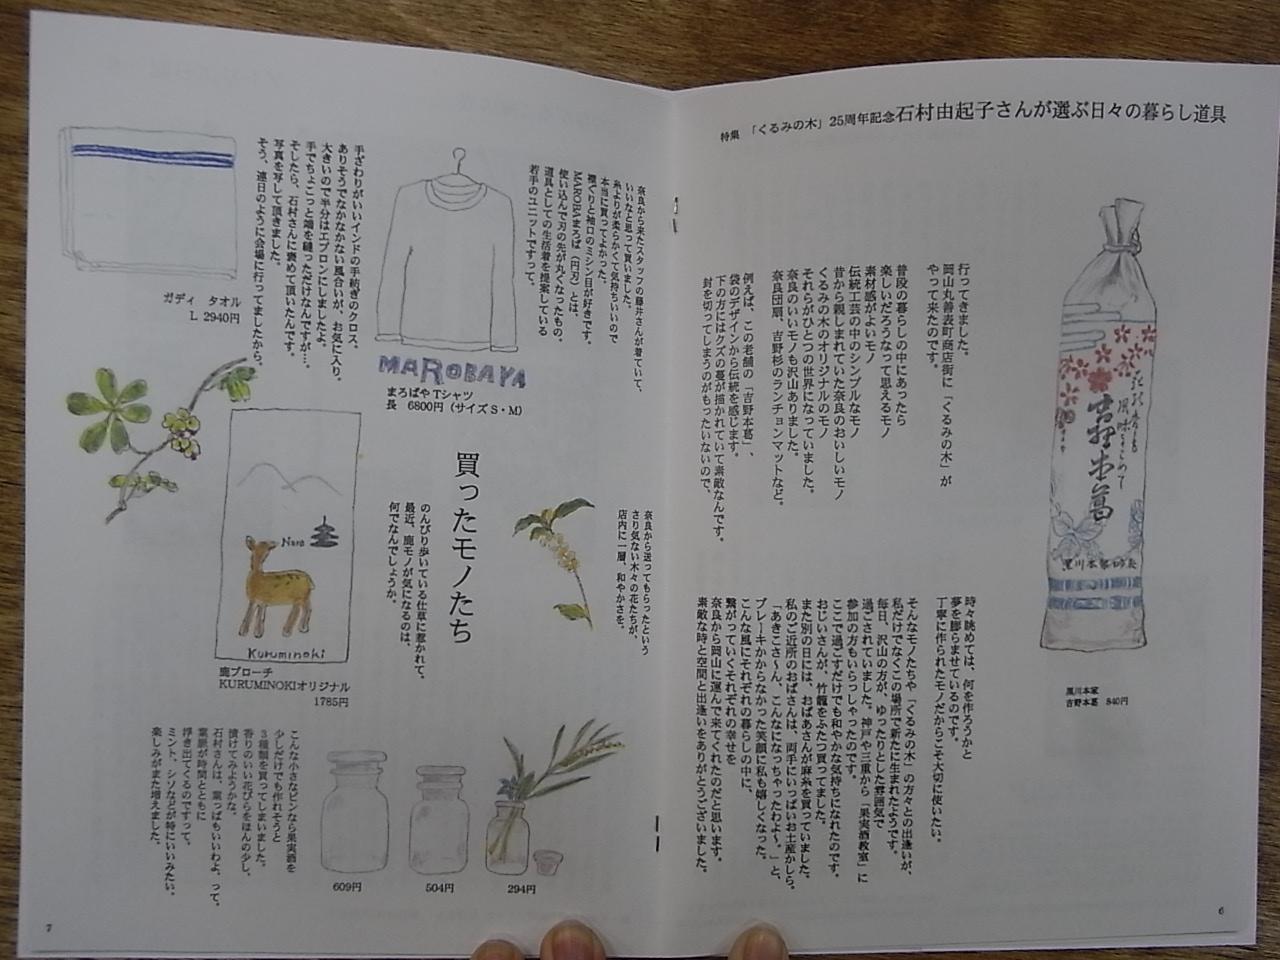 本明朝体,雑誌「日暮らし」,琵琶湖好き_c0202060_127154.jpg